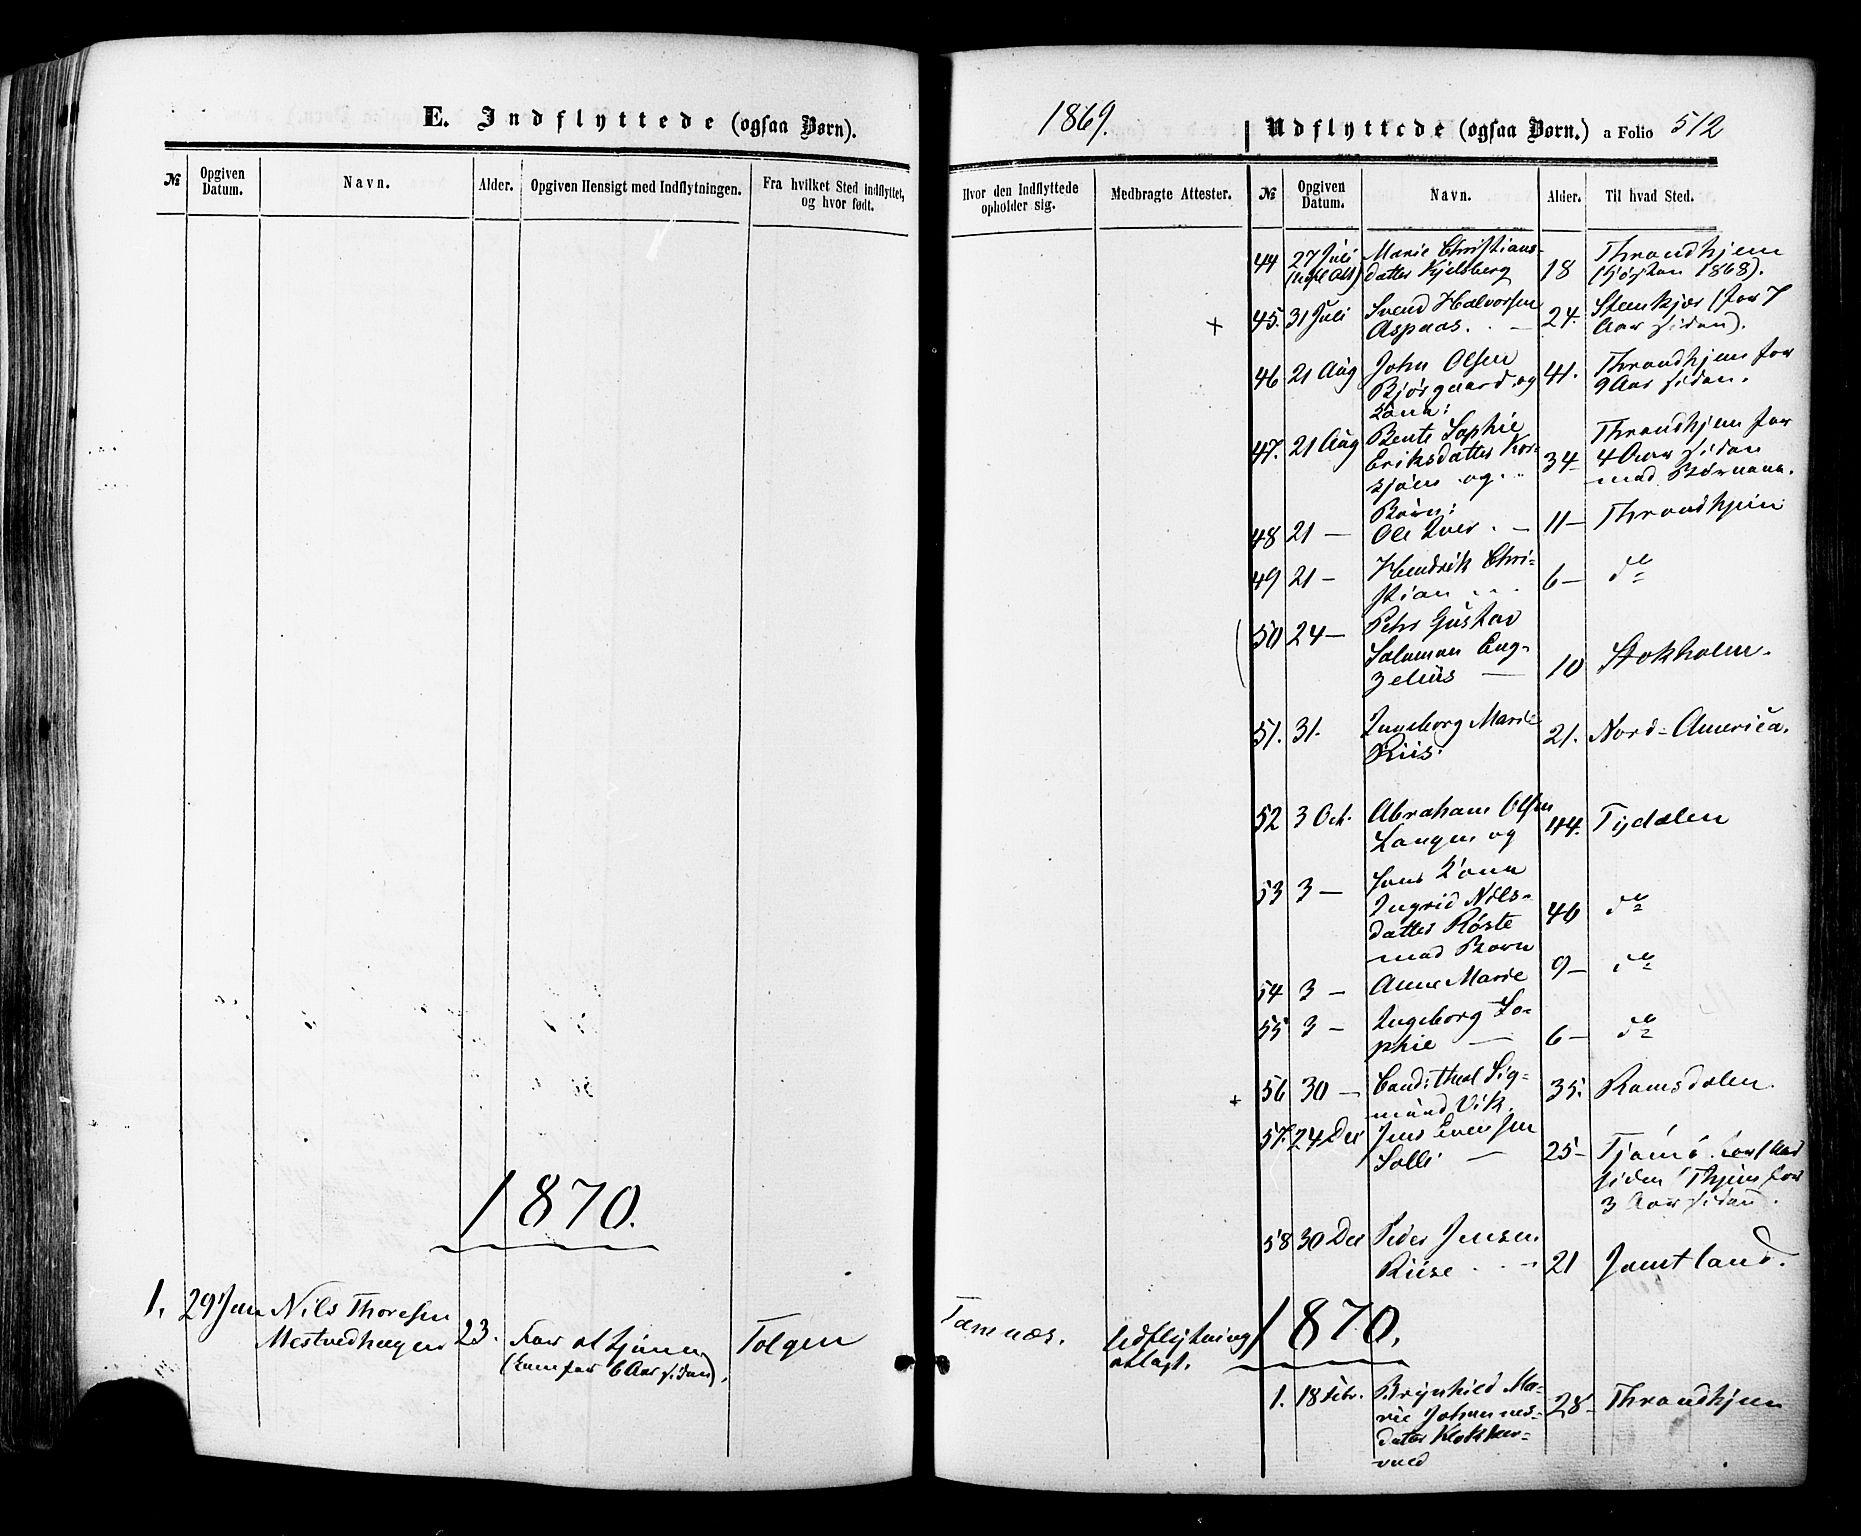 SAT, Ministerialprotokoller, klokkerbøker og fødselsregistre - Sør-Trøndelag, 681/L0932: Ministerialbok nr. 681A10, 1860-1878, s. 512